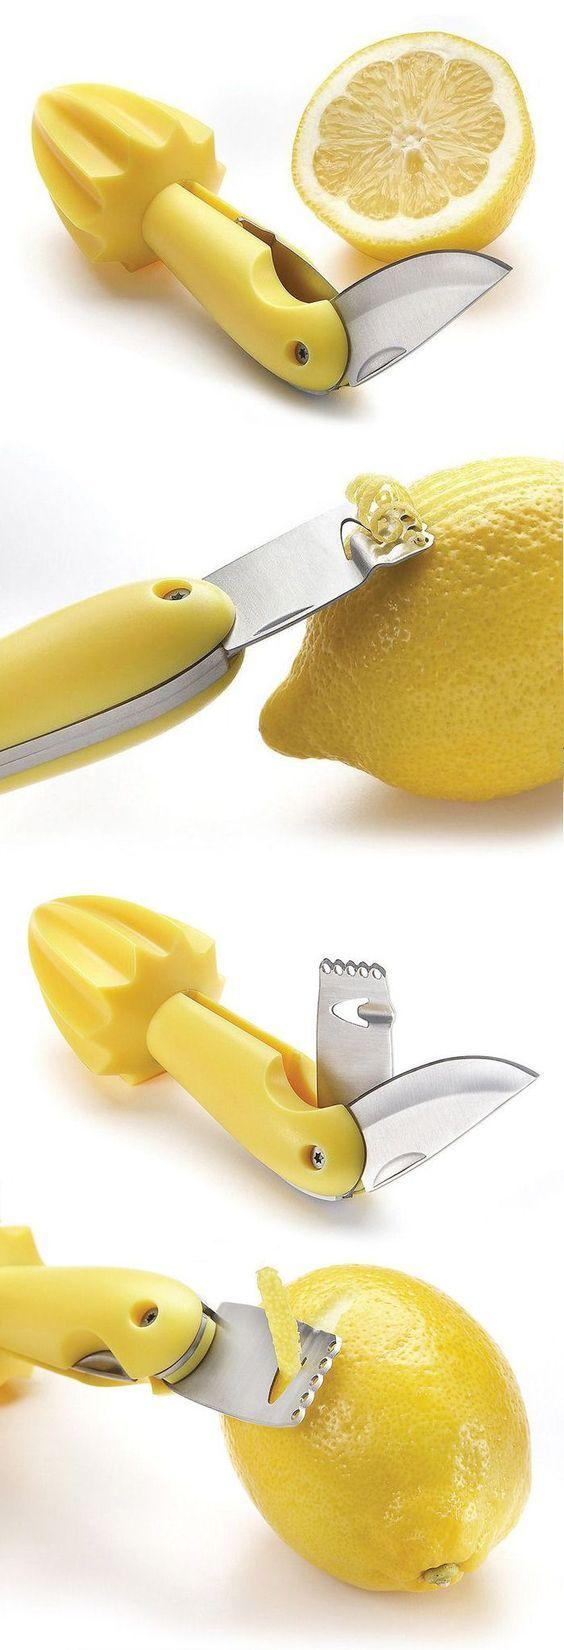 3 in 1. Lemon Zester, Peeler and Slicer